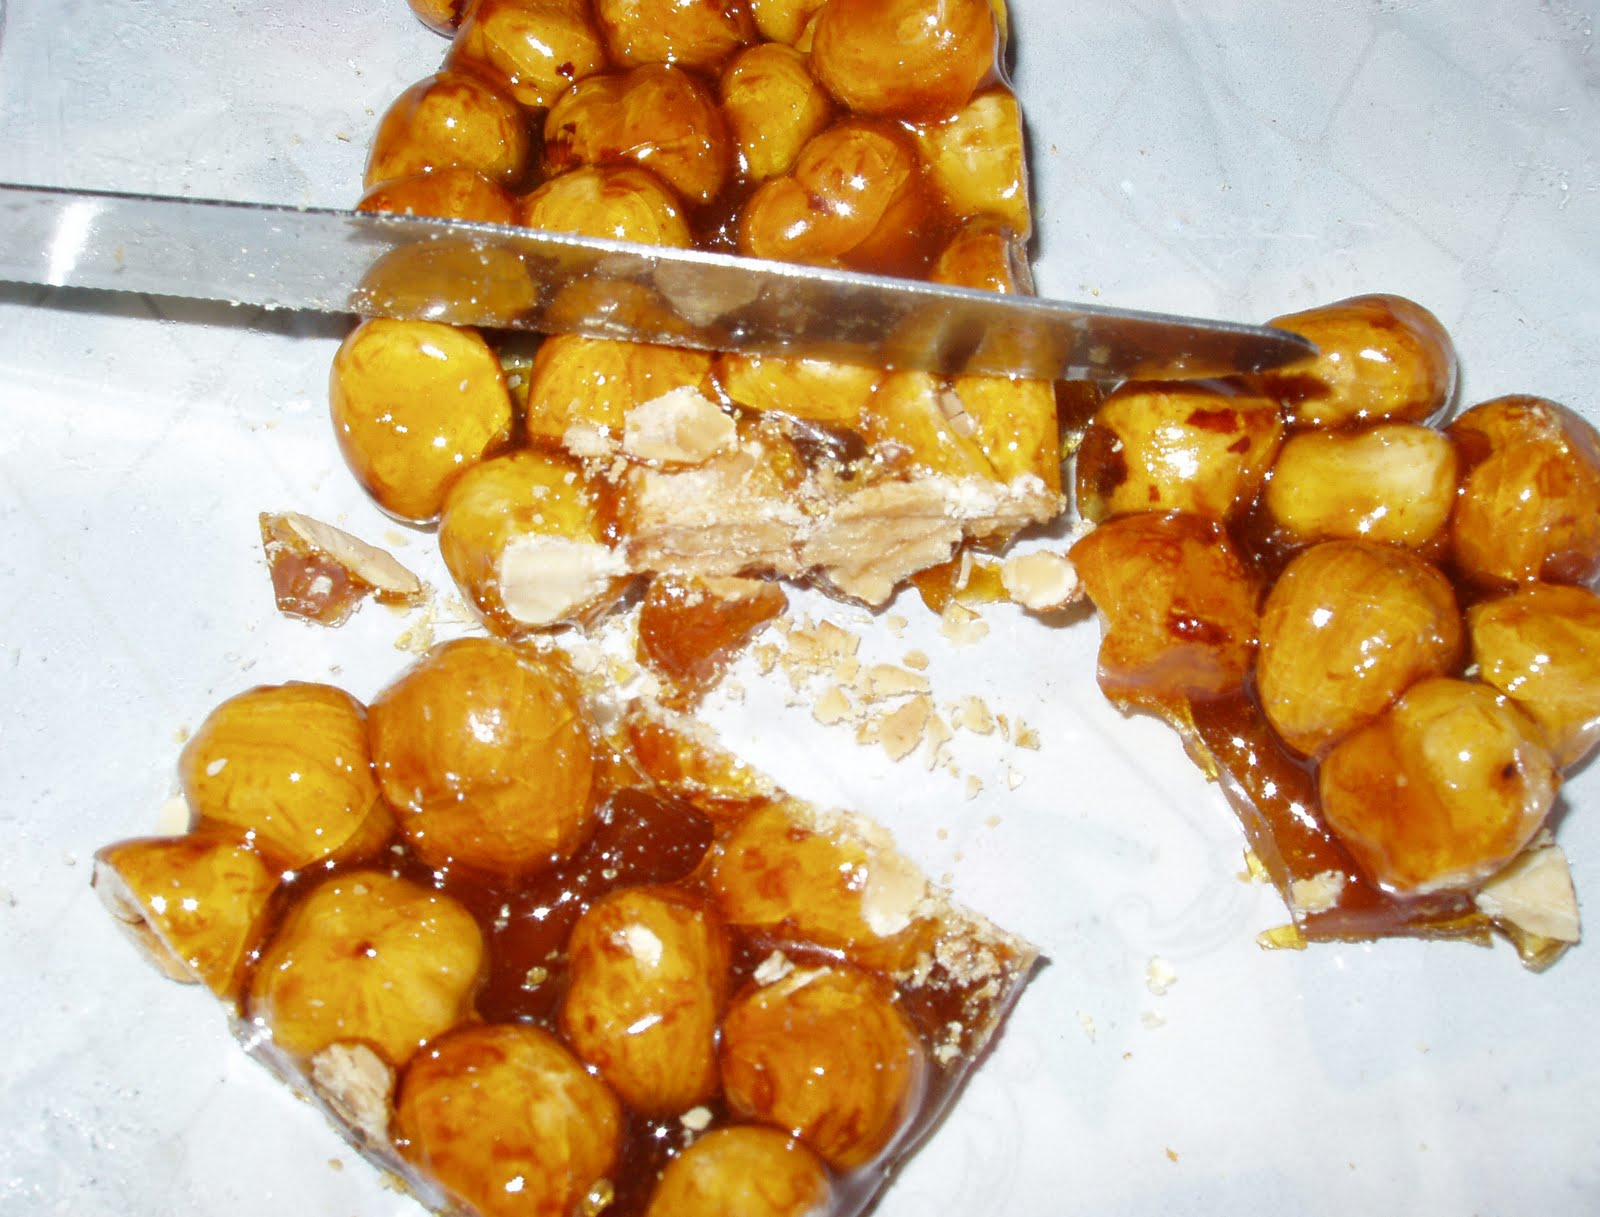 Dolci agave blog dalla sicilia for Ricette dolci siciliani